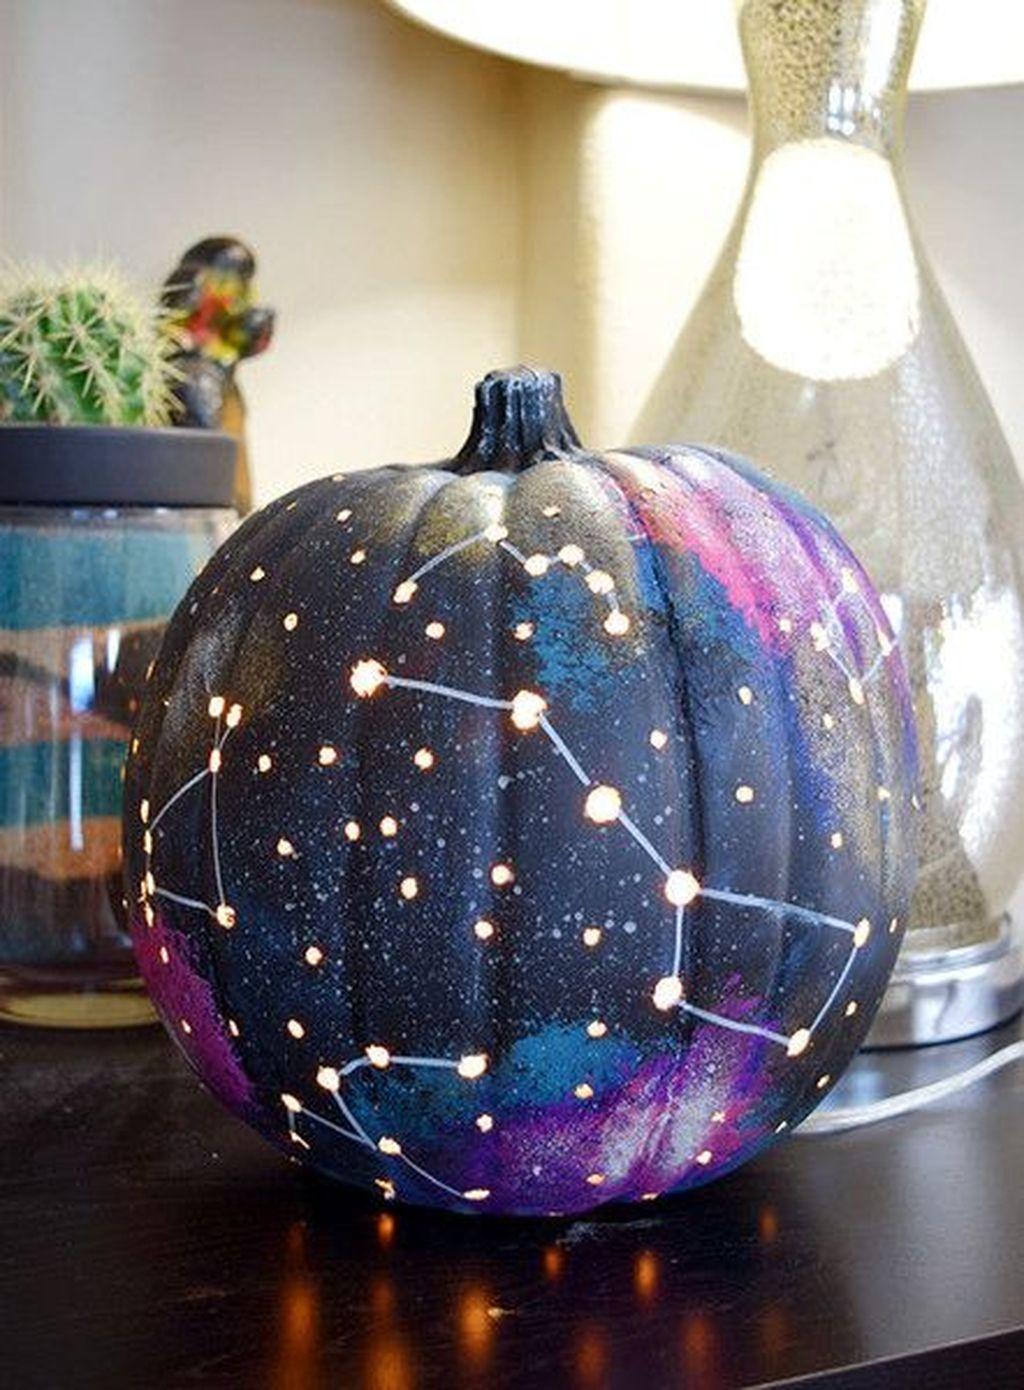 Popular Halloween Pumpkin Design Ideas 27